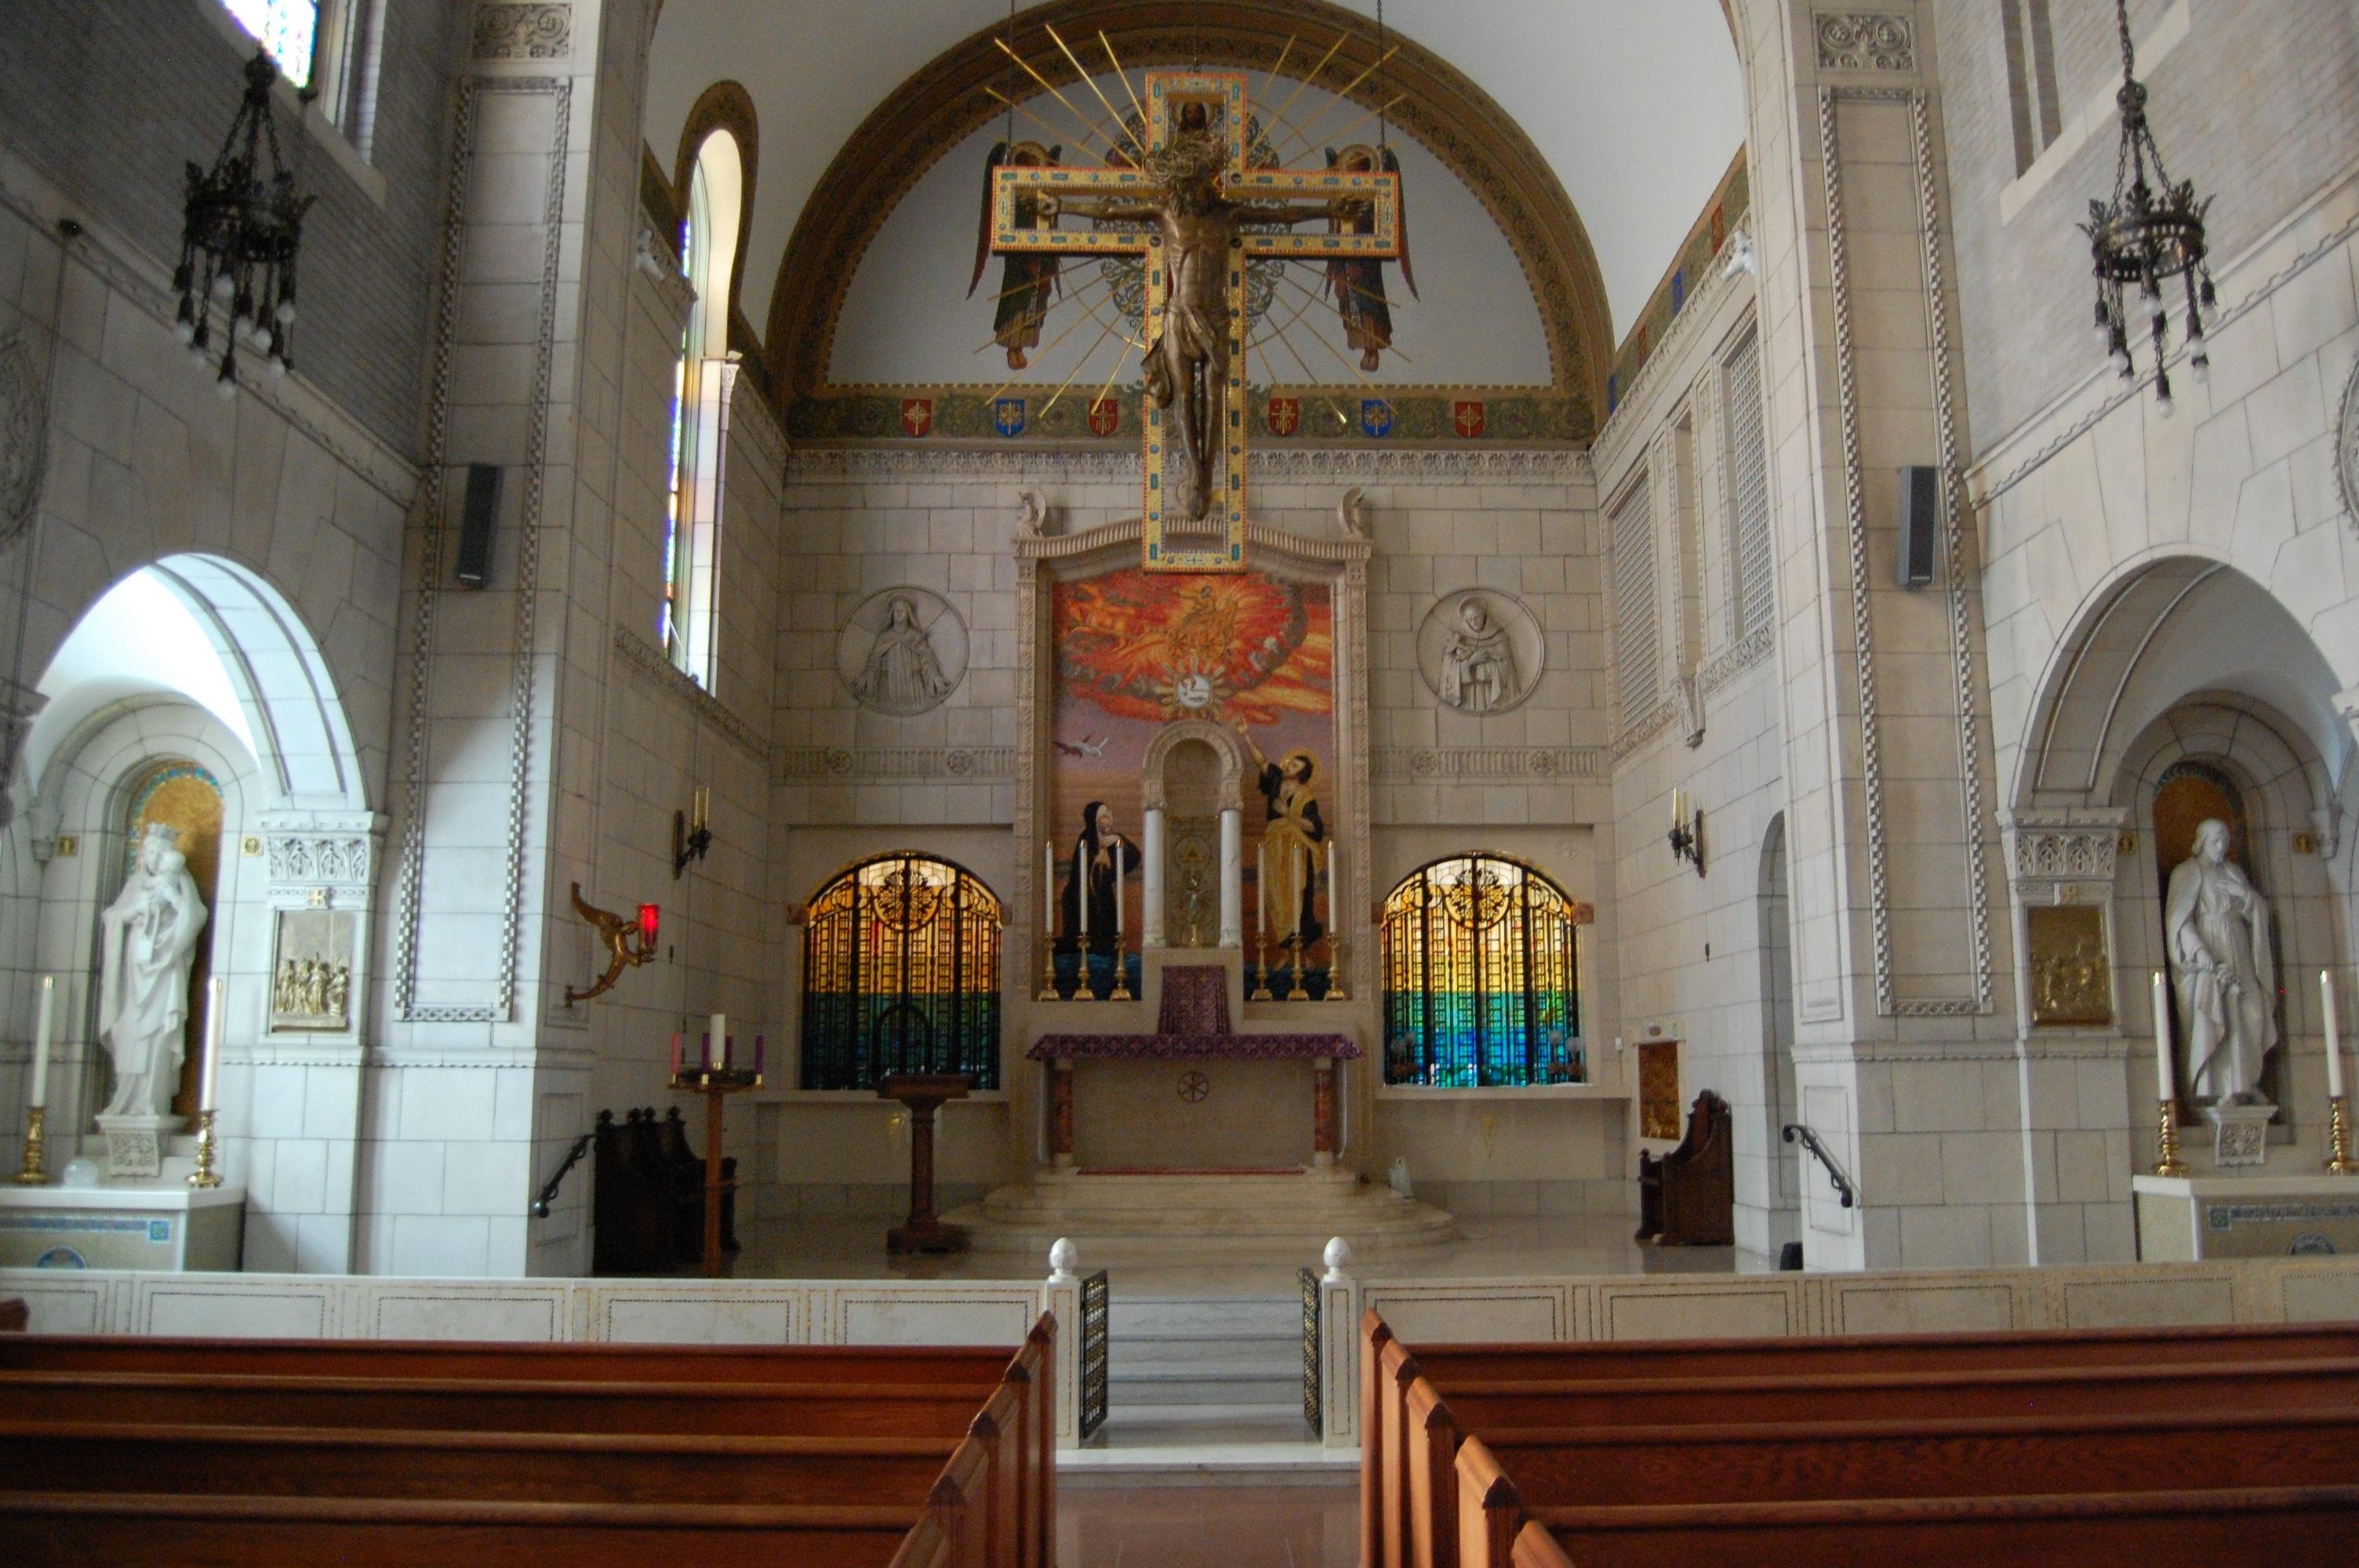 Carmelite Monastery front altar | Shrine Tower